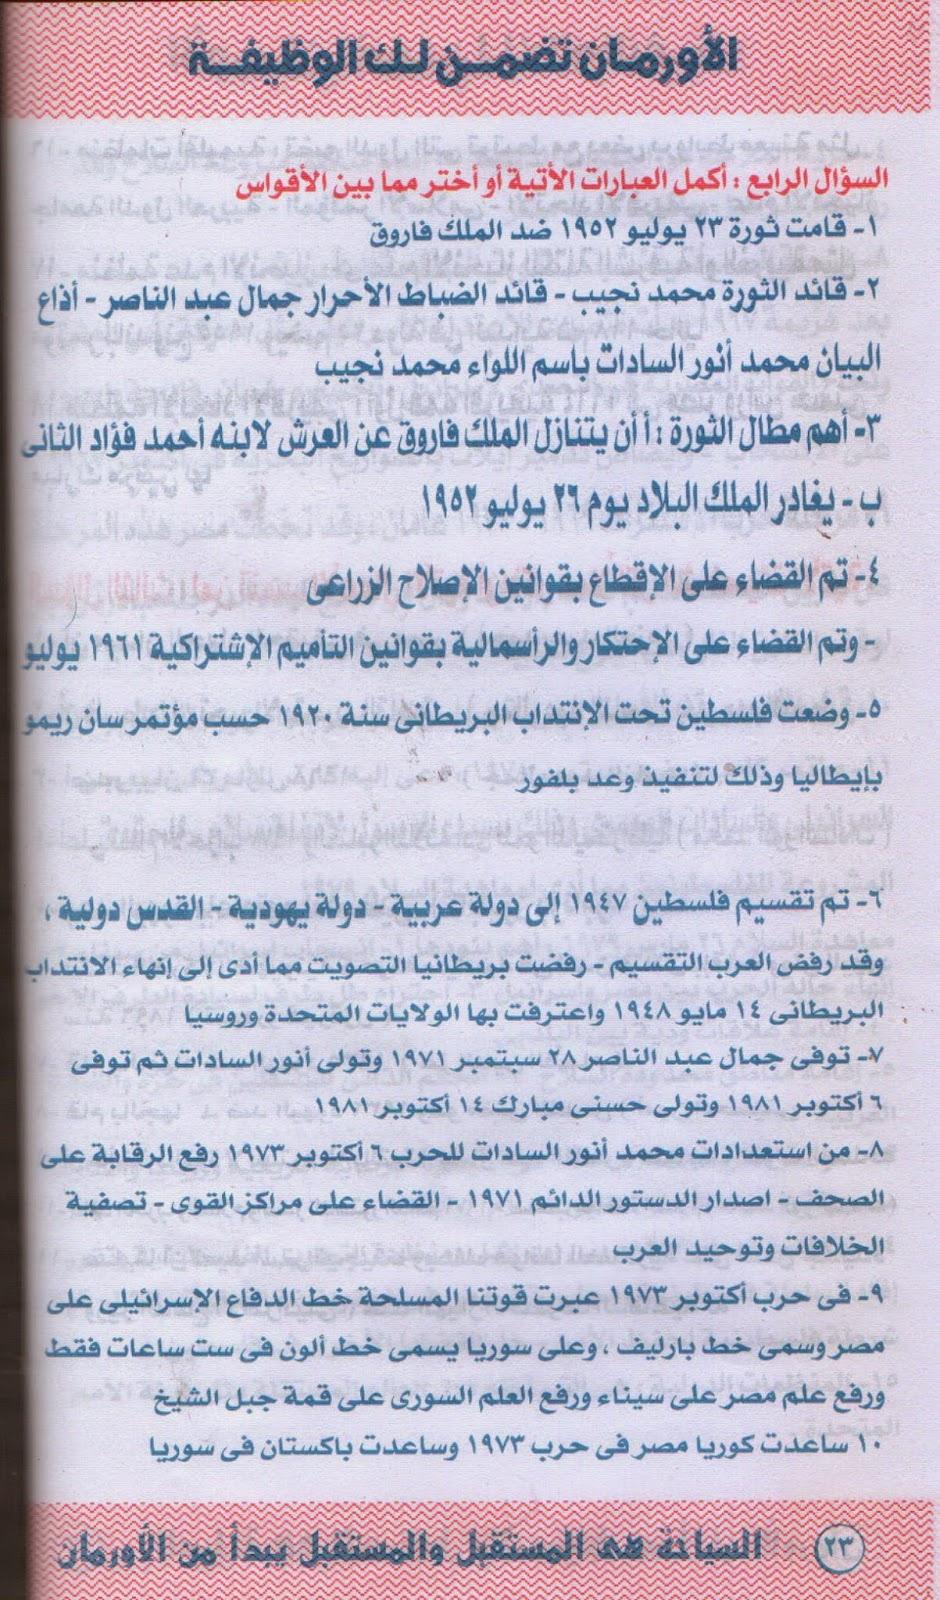 مراجعة دراسات ترم 2 الثالث الإعدادى 7.jpg